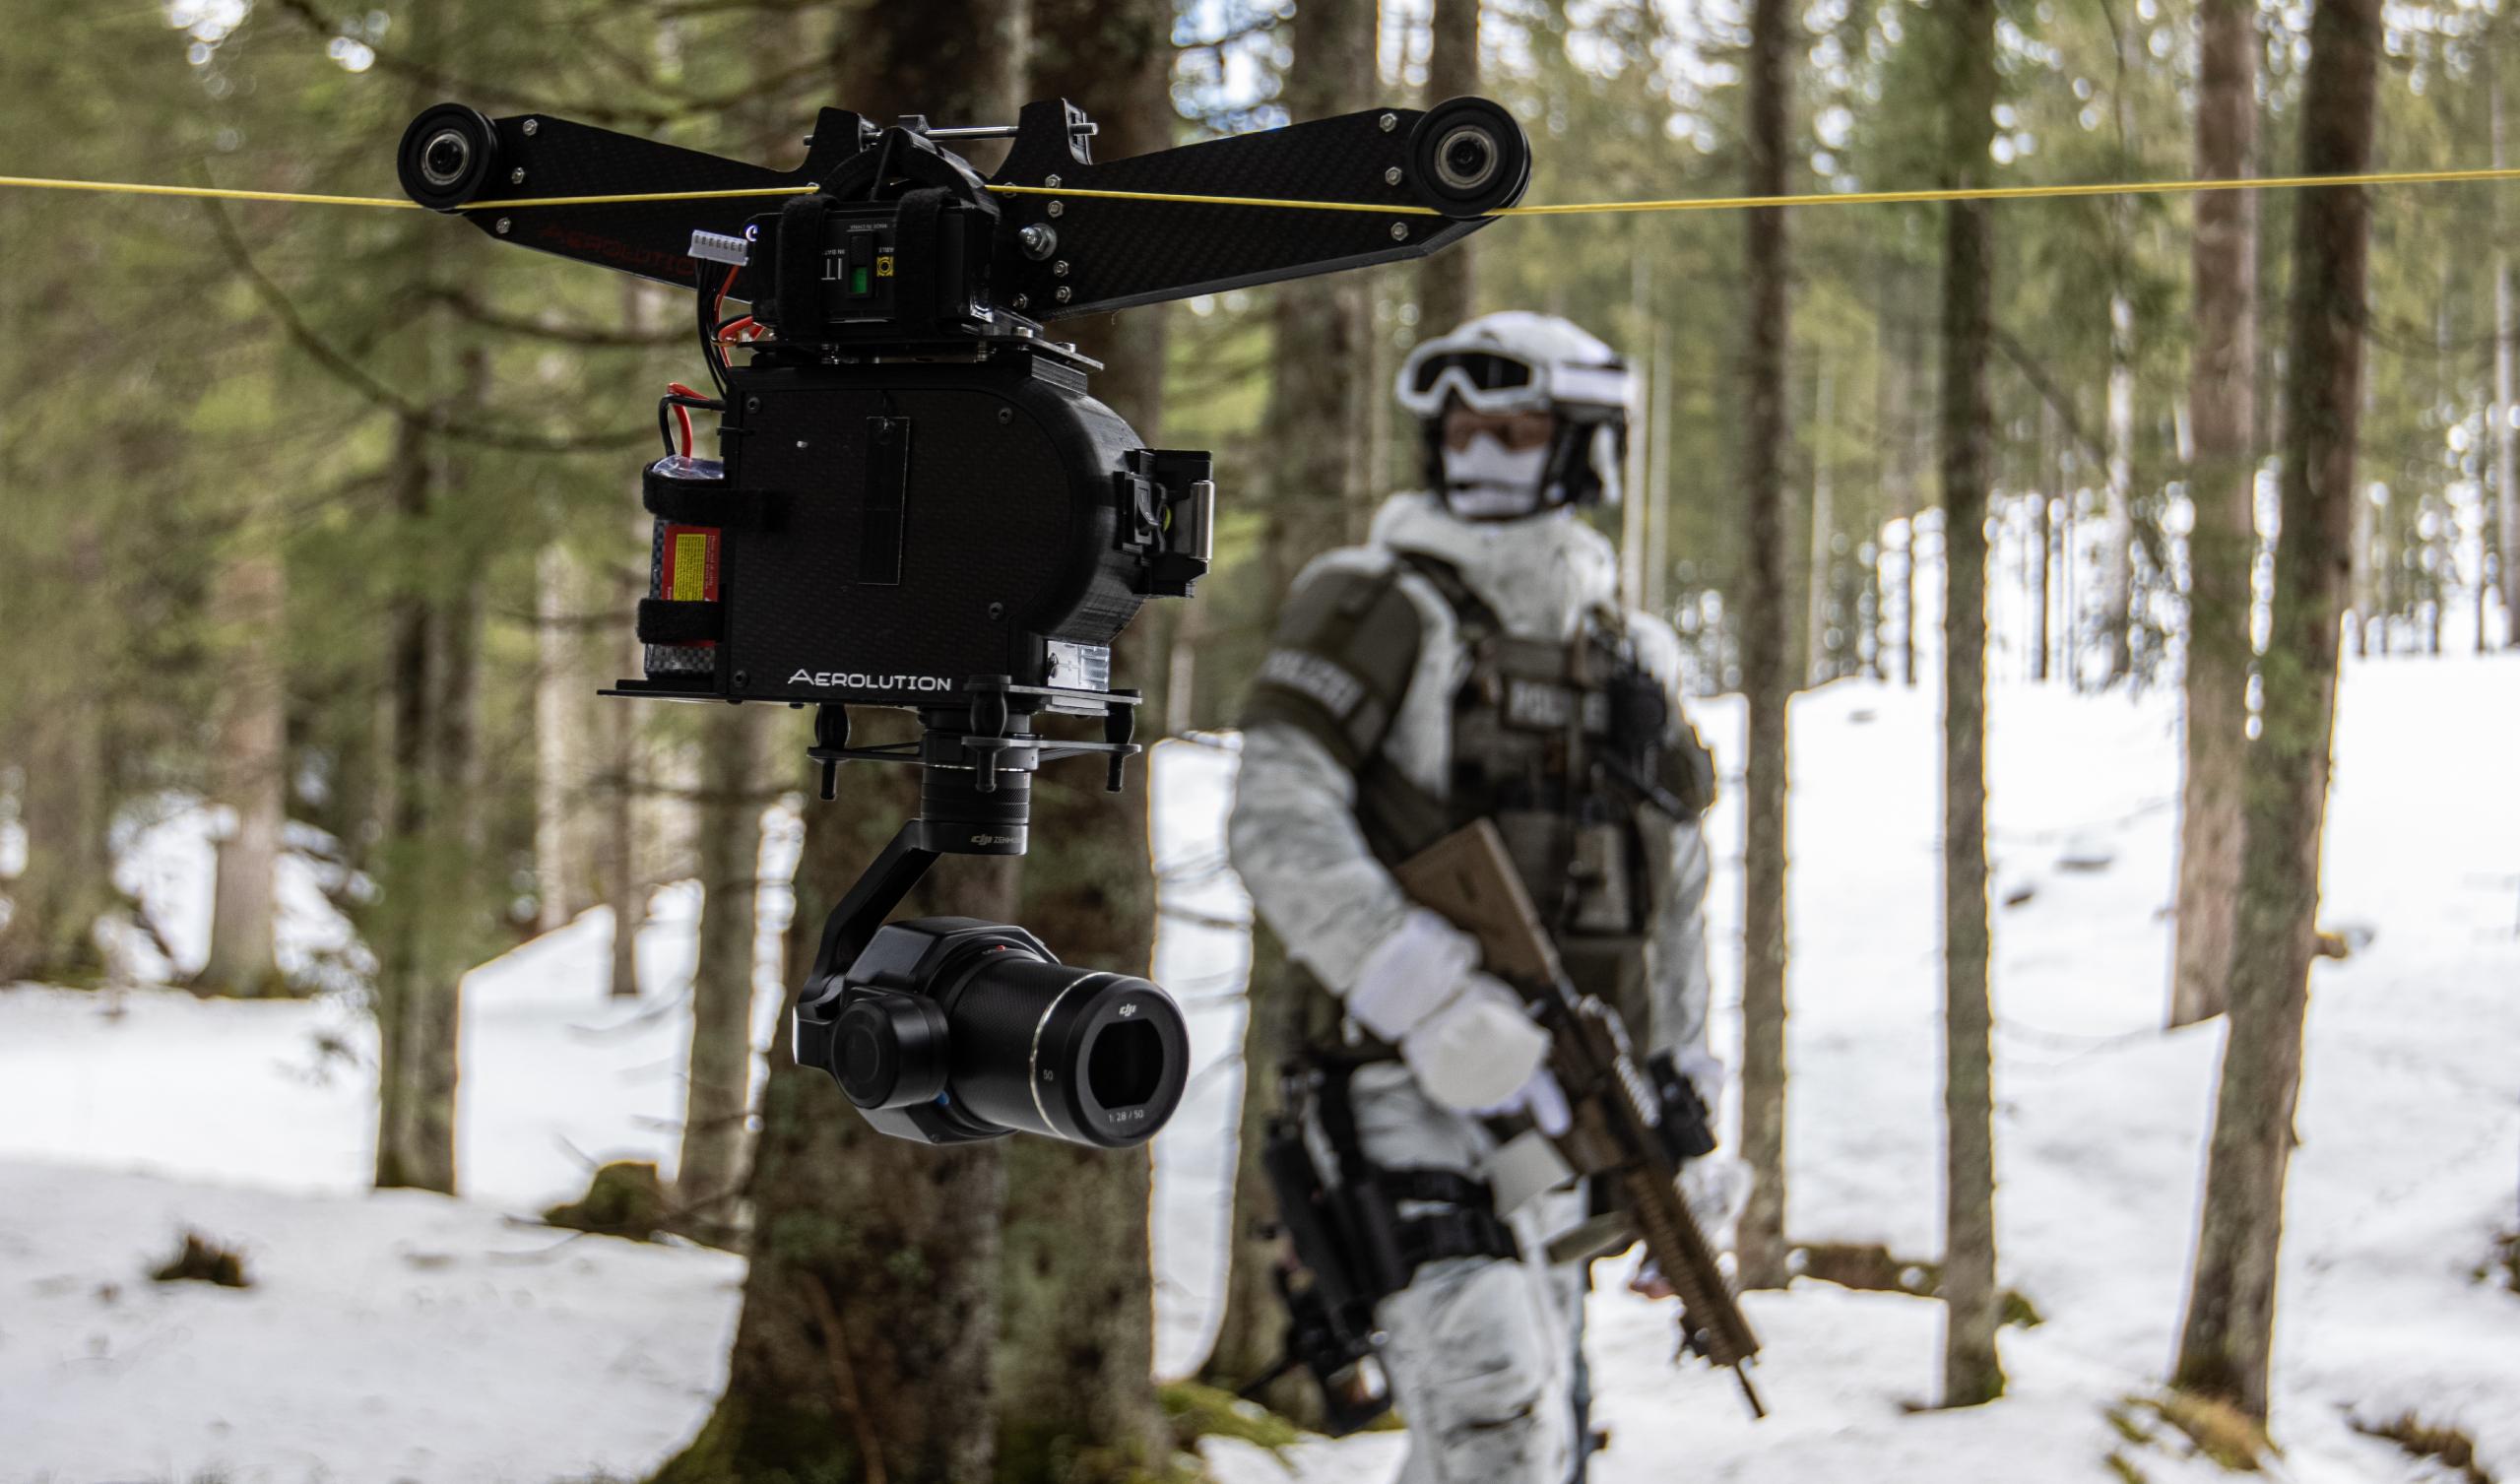 Cablecam mit Filmcops-Spezialeinheiten Seilkamera Kamerafahrten Outdoor Drohnenteam